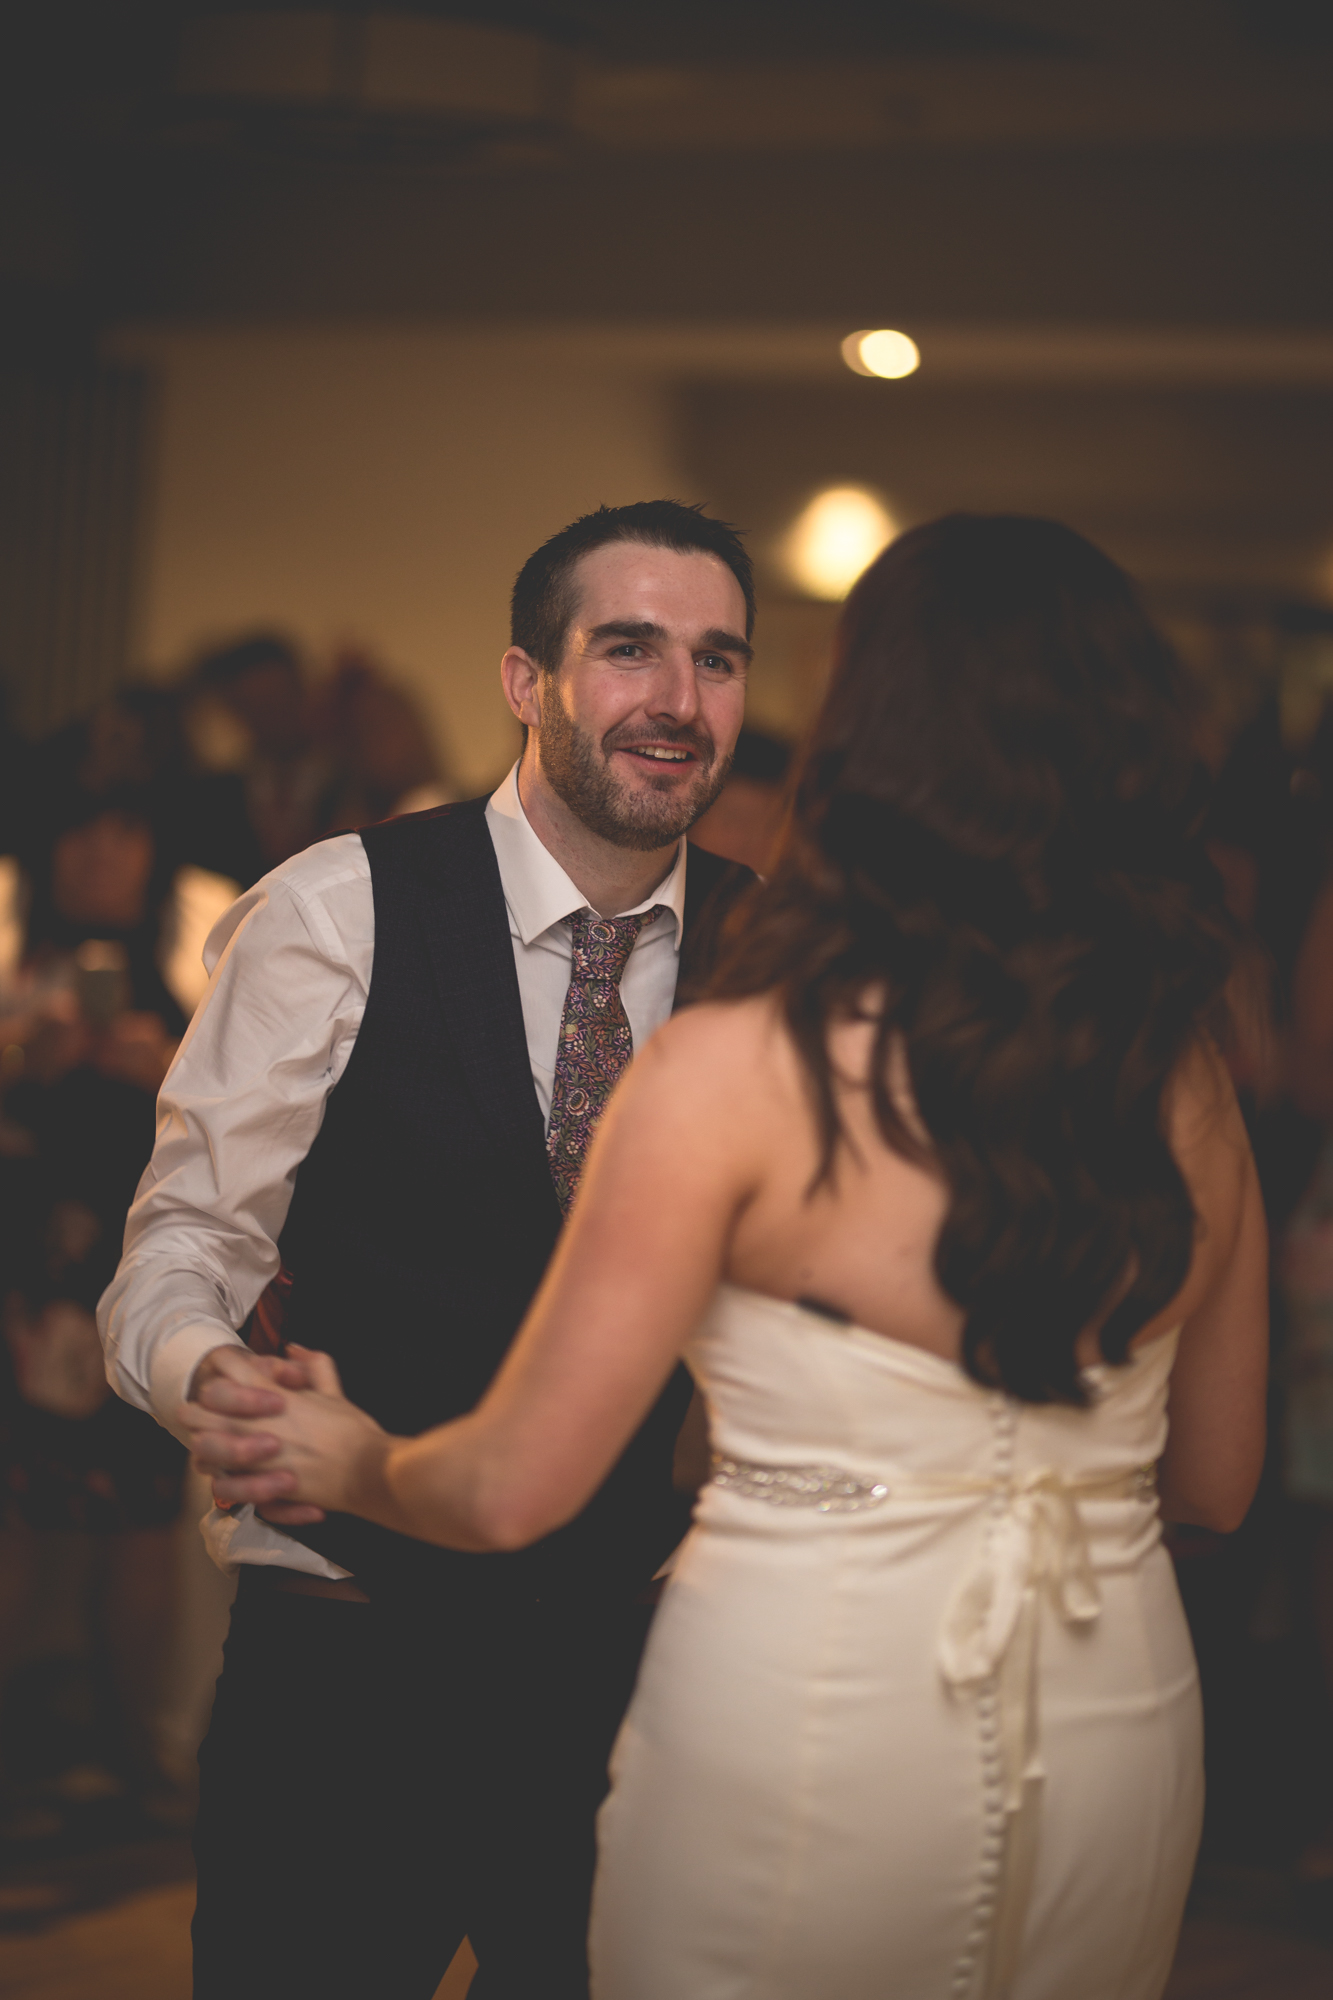 Francis&Oonagh-Dancing-7.jpg